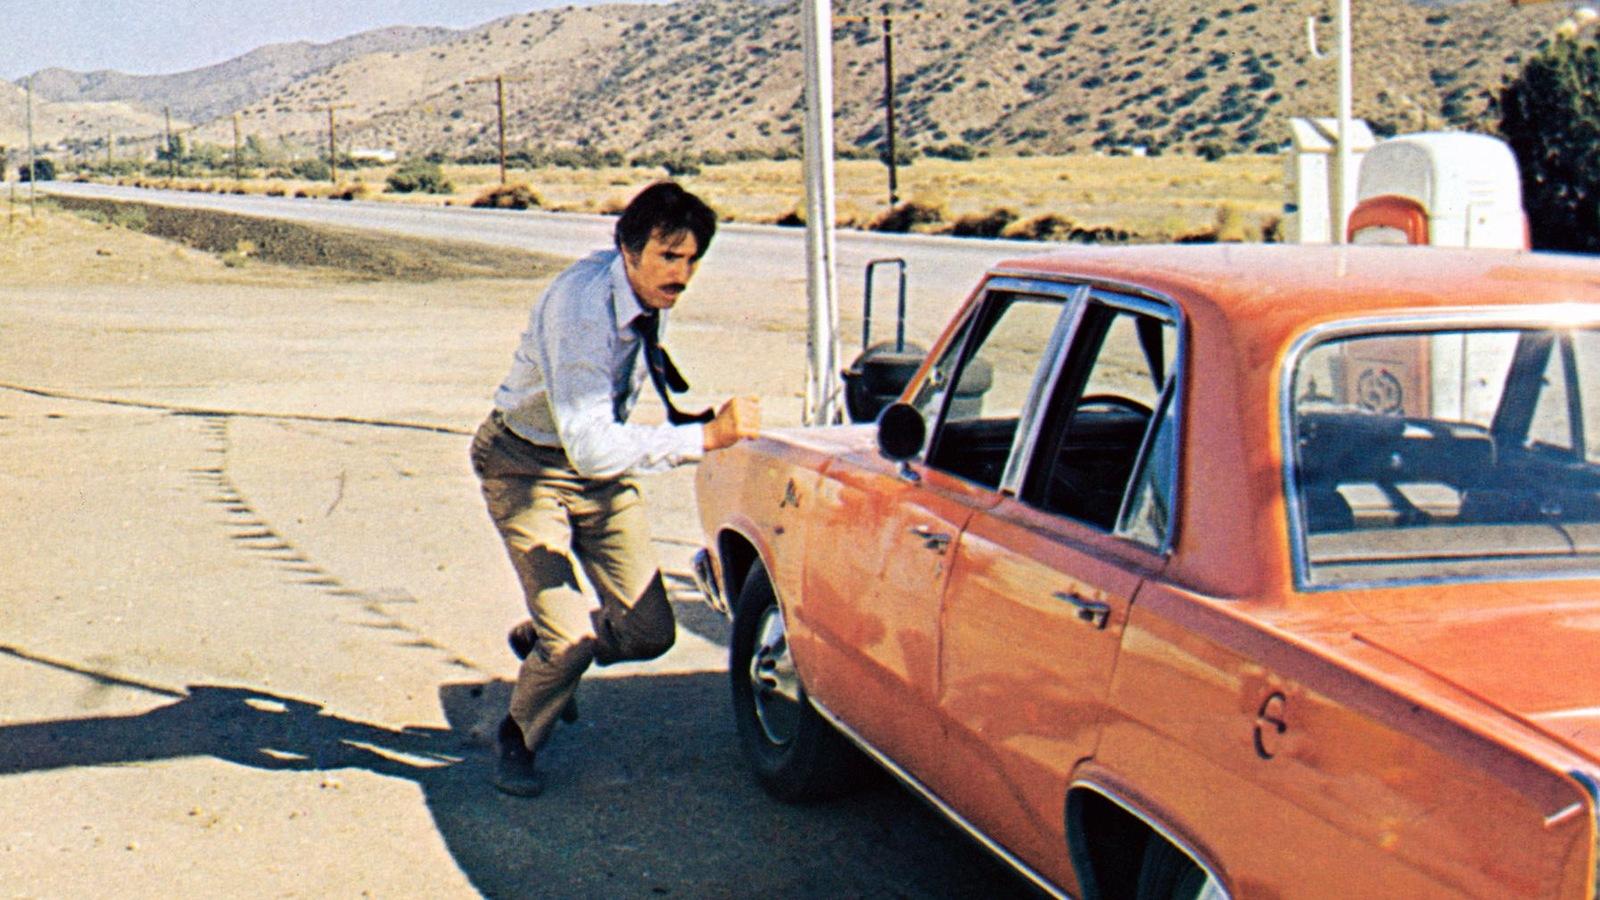 Un homme court à côté d'une voiture rouge garée dans une station essence